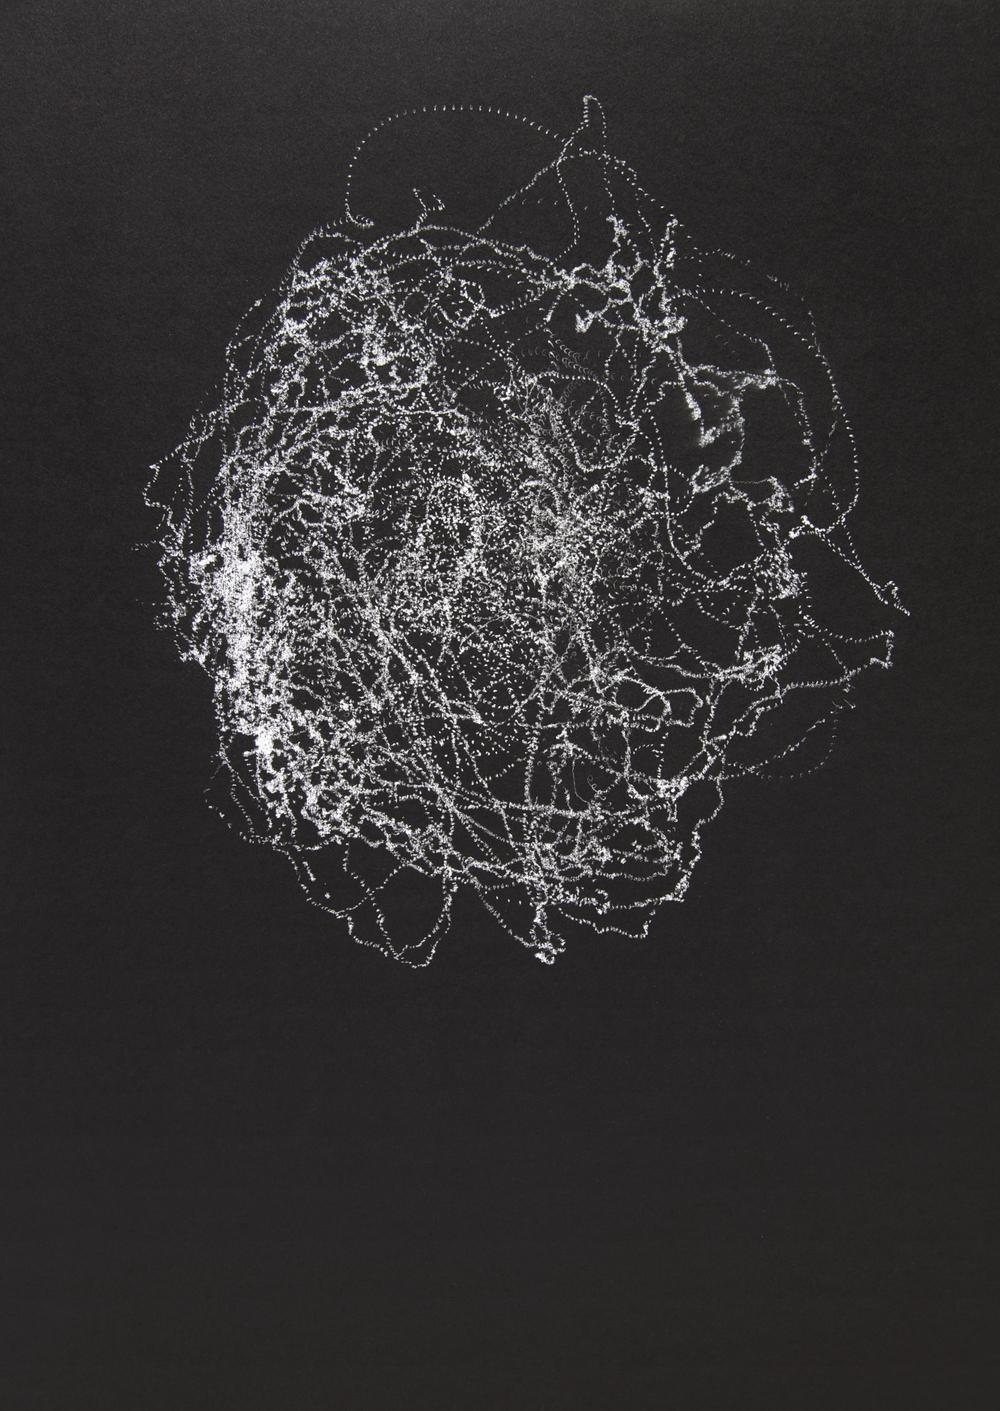 """03222016, seismogram, 19"""" x 25"""", 2016"""